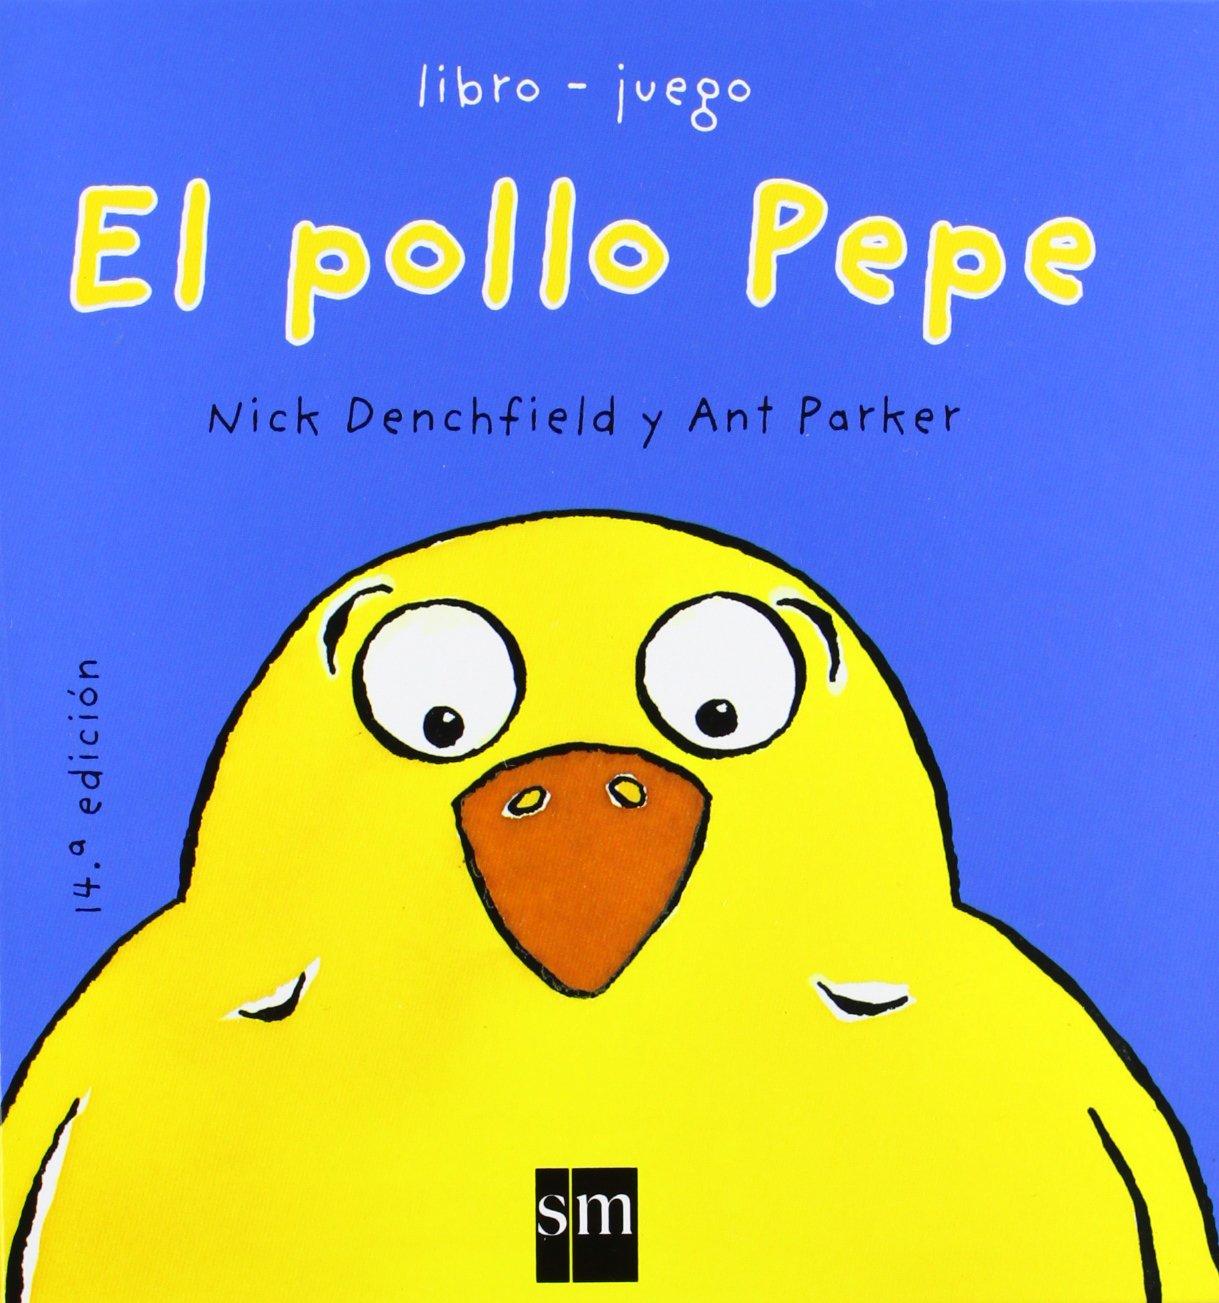 El pollo Pepe (El pollo Pepe y sus amigos): Amazon.de: Nick Denchfield, Ant  Parker: Fremdsprachige Bücher